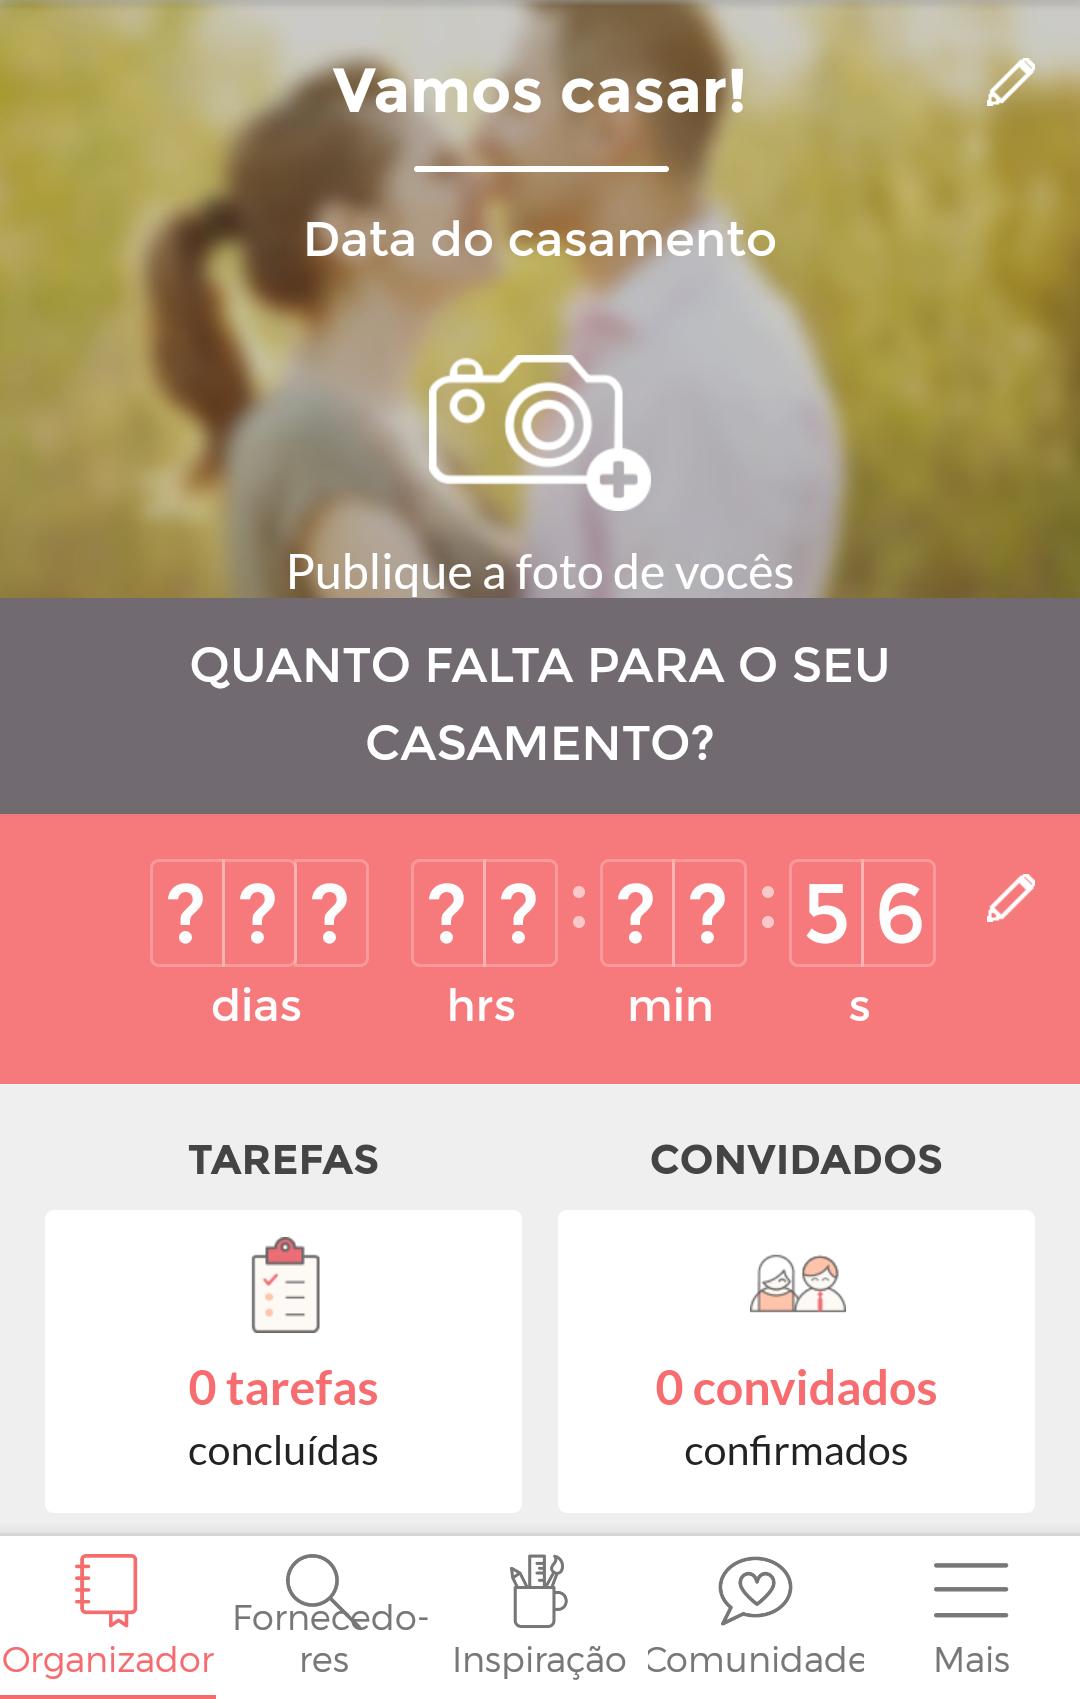 Aplicativos que te ajudam a organizar o casamento - Casamentos.com.br